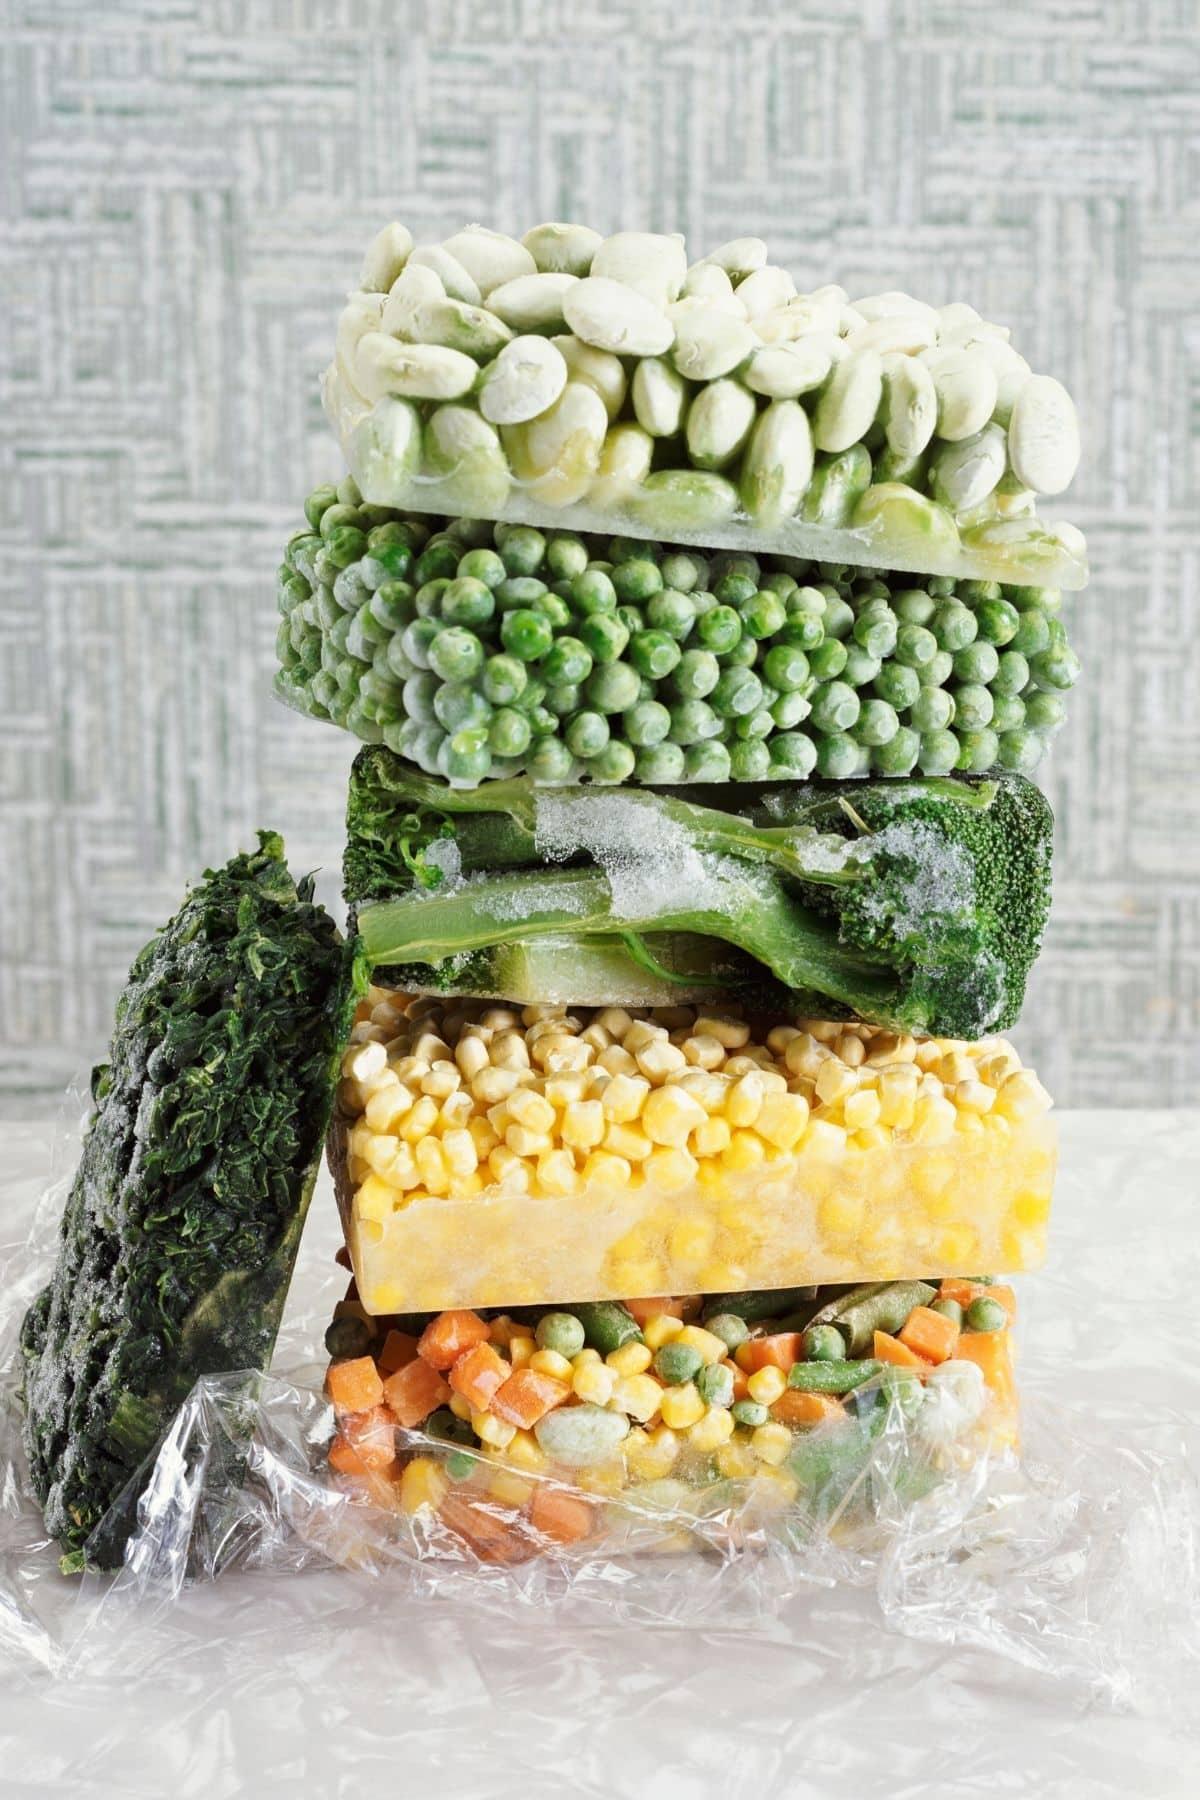 Frozen vegetables stacked together